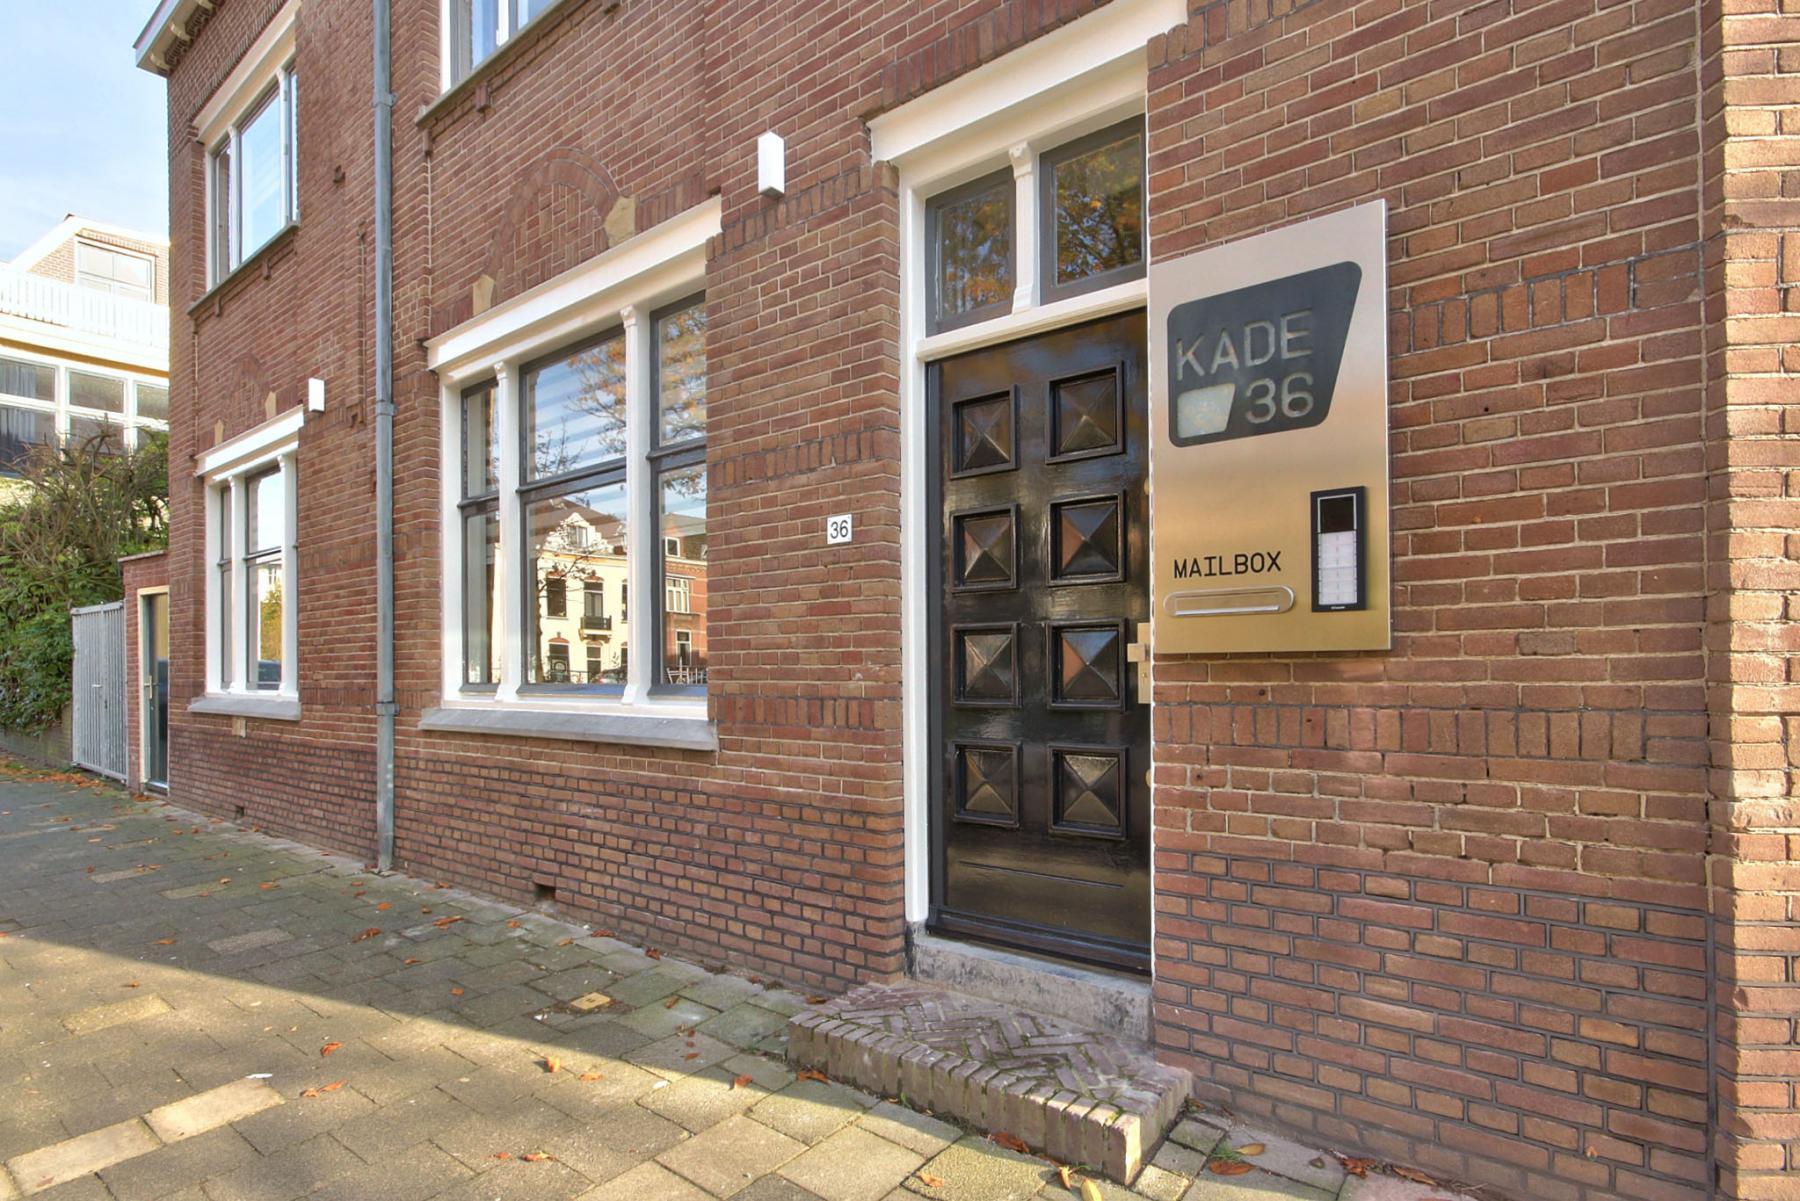 Kantoorruimte huren Rembrandtkade 36, Utrecht (11)